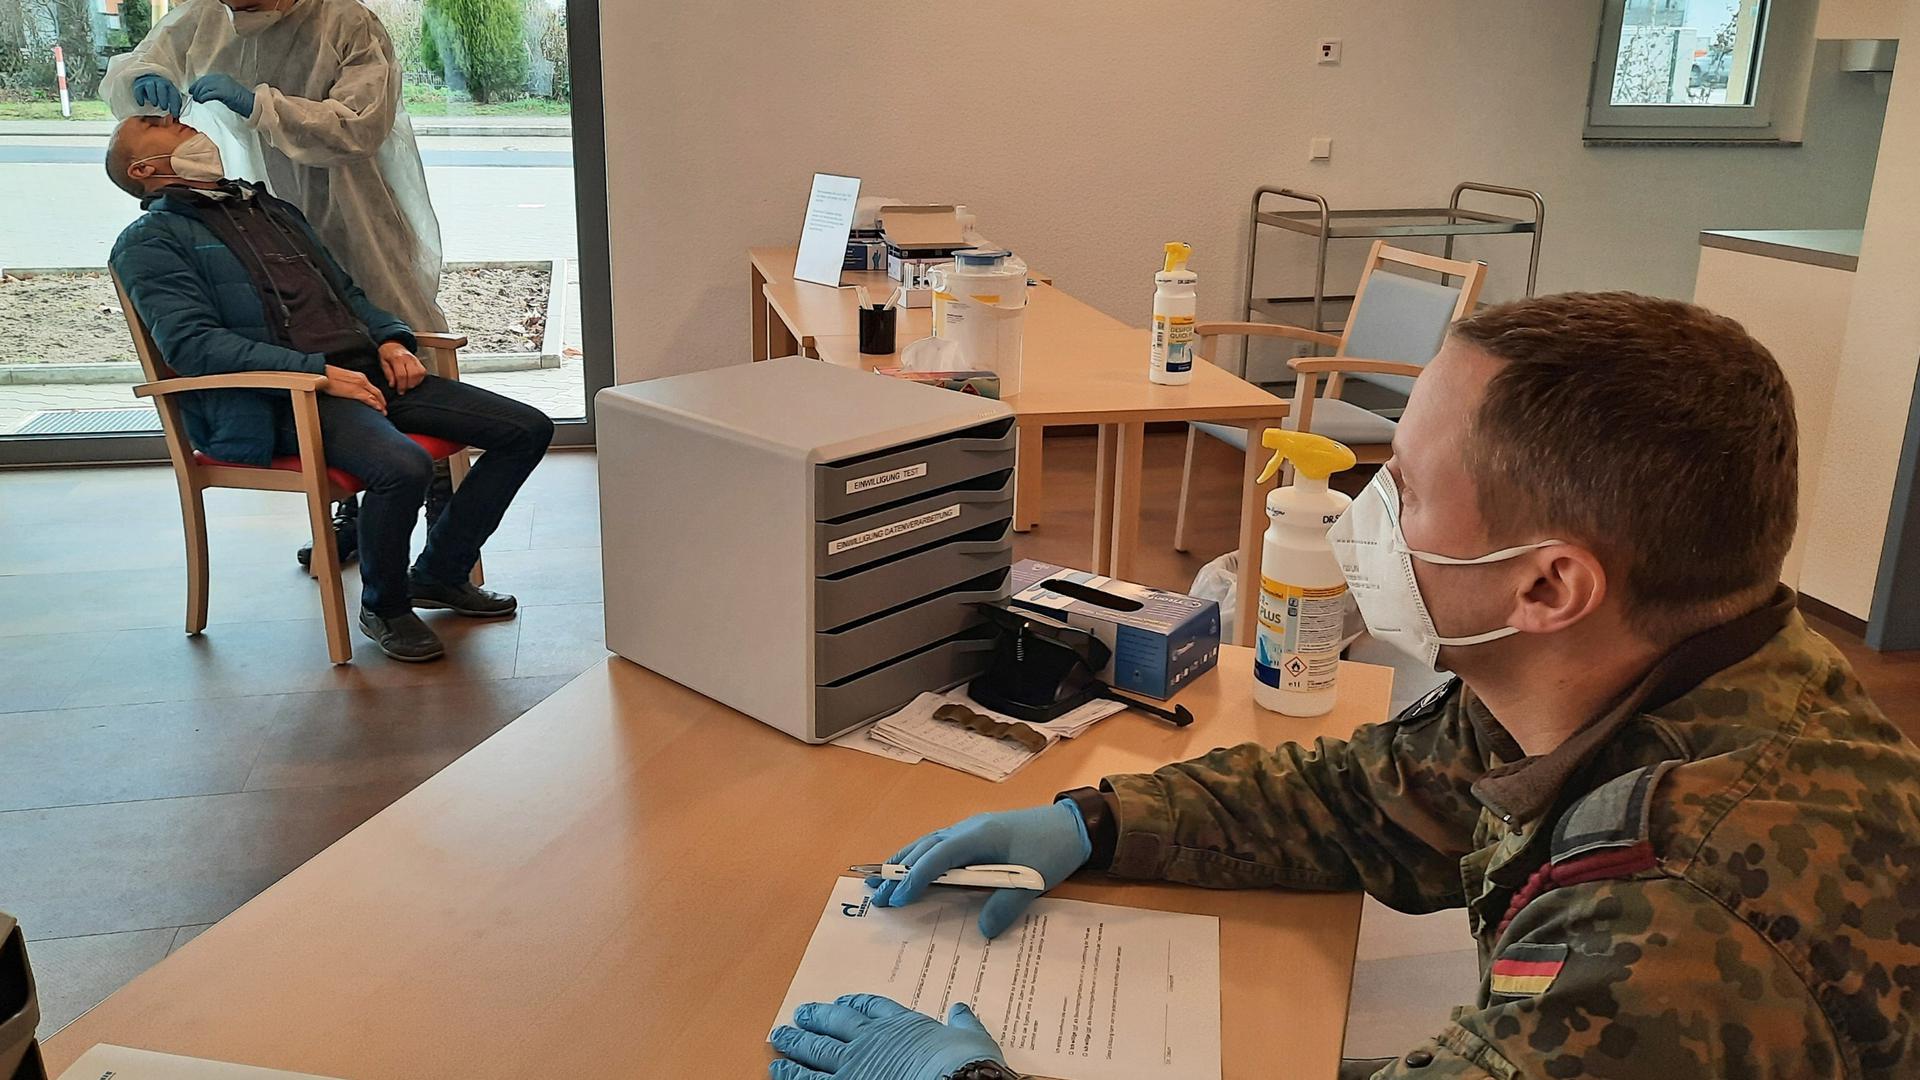 Ein Mann am Schreibtisch und zwei Leute im Hintergrund, die einen Abstrich machen.